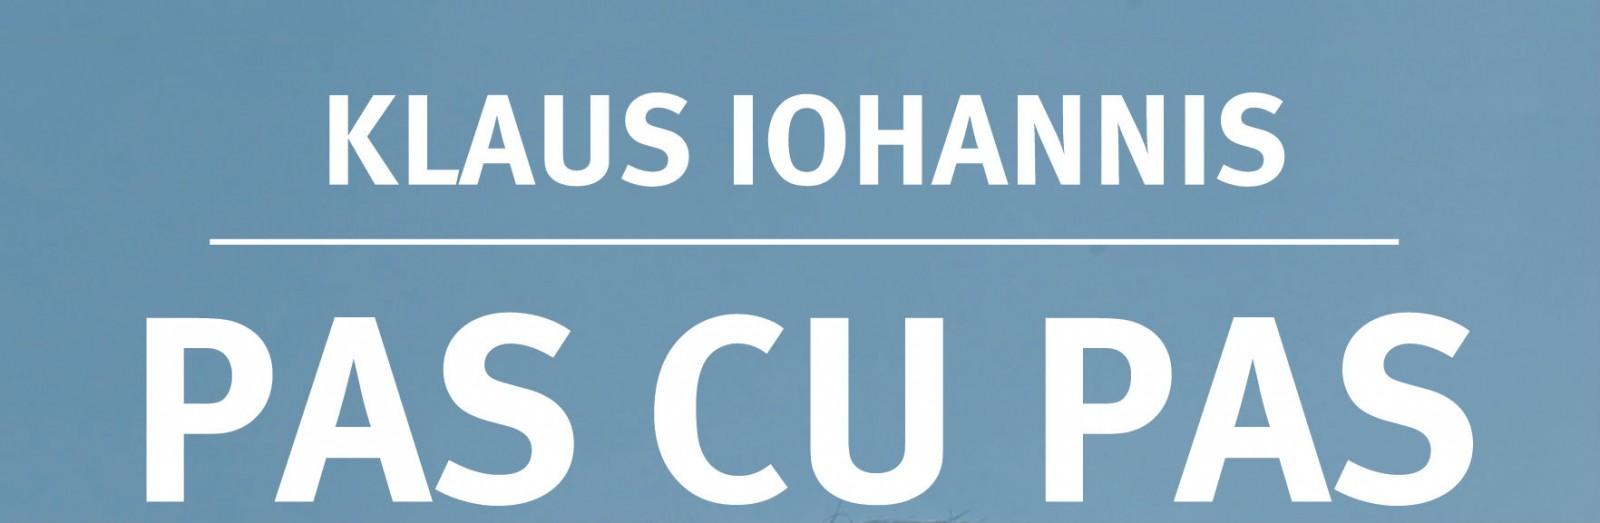 """Volumul """"Pas cu pas"""" de Klaus Iohannis, distribuit împreună cu ziarul """"Adevărul"""""""